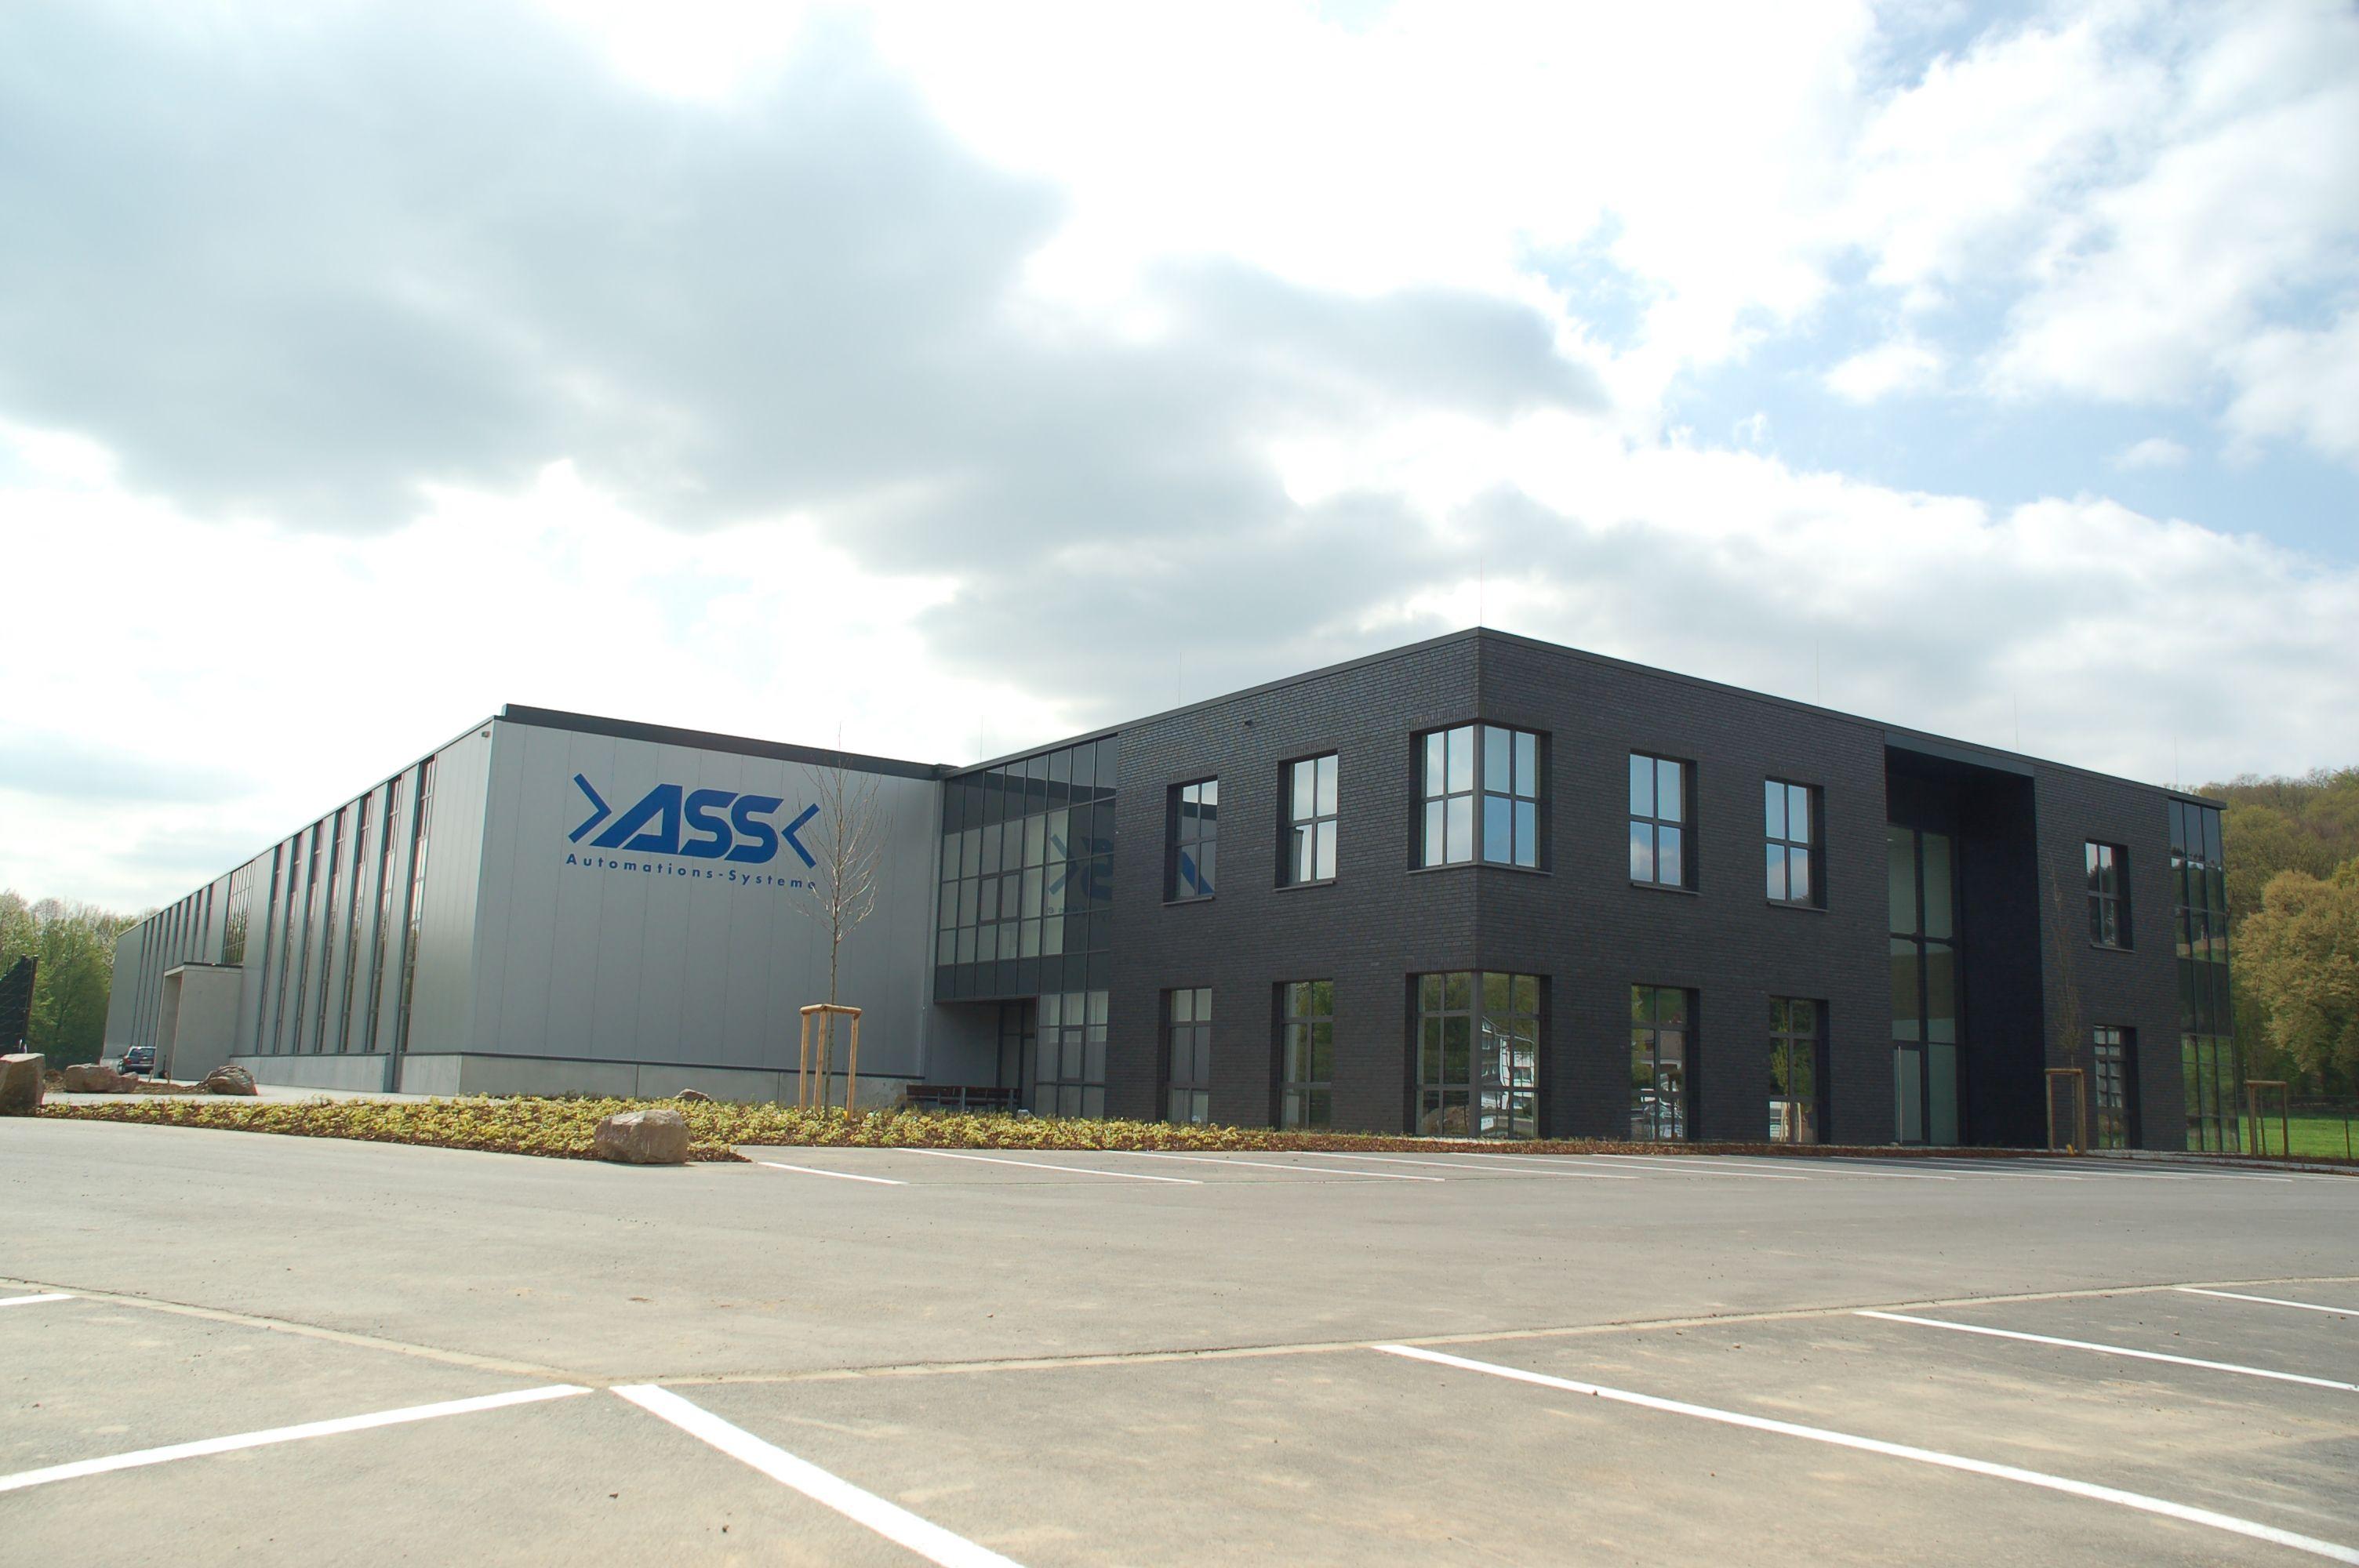 Stärkere Position durch Zukauf: ASS Maschinenbau übernimmt Knur